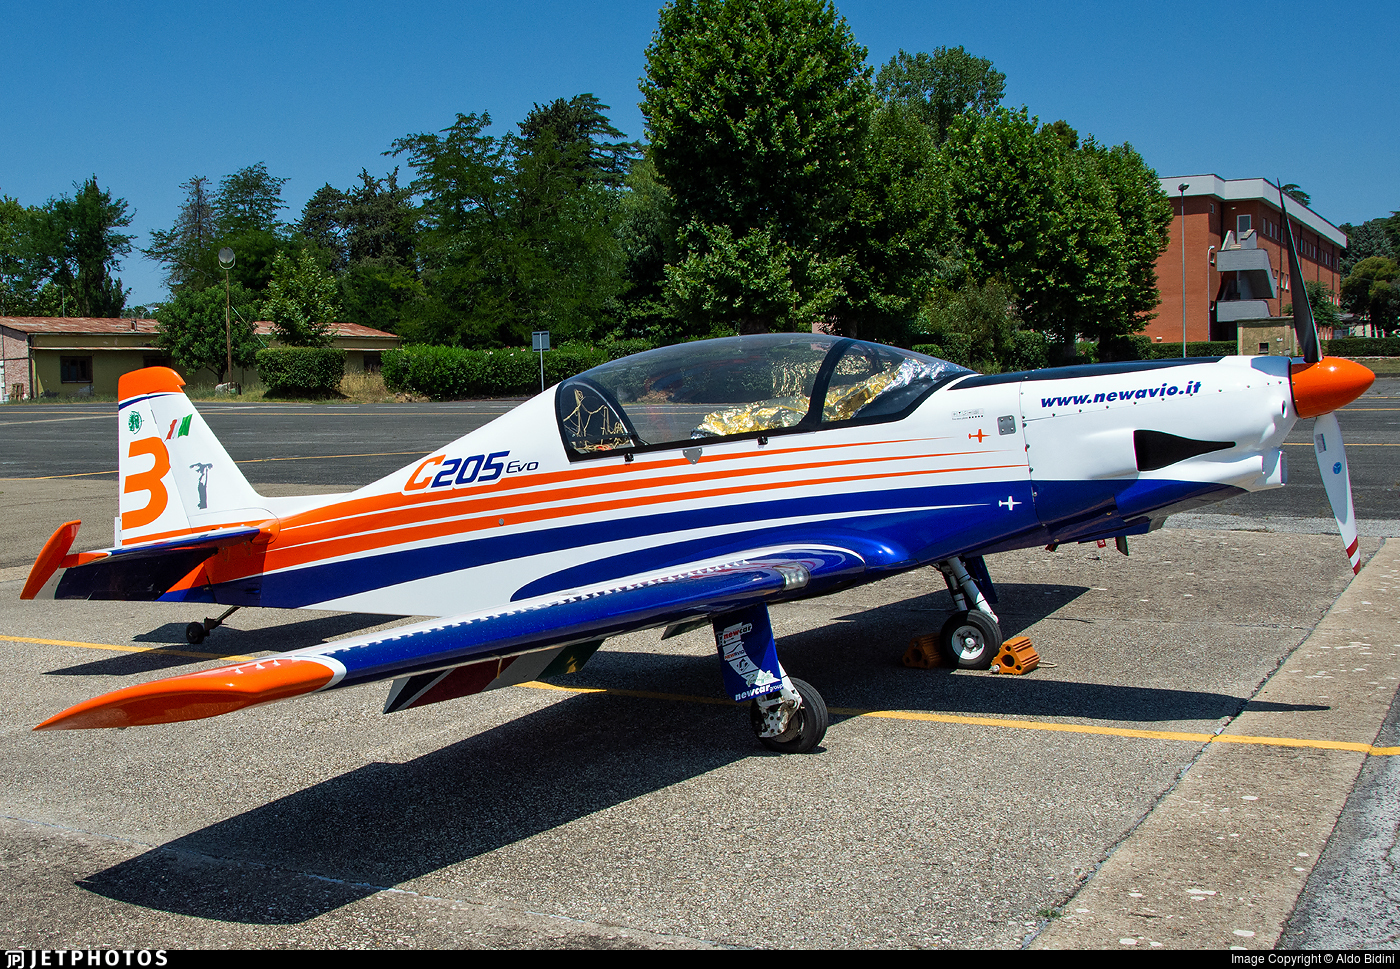 003 - New Avio C-205 - Private